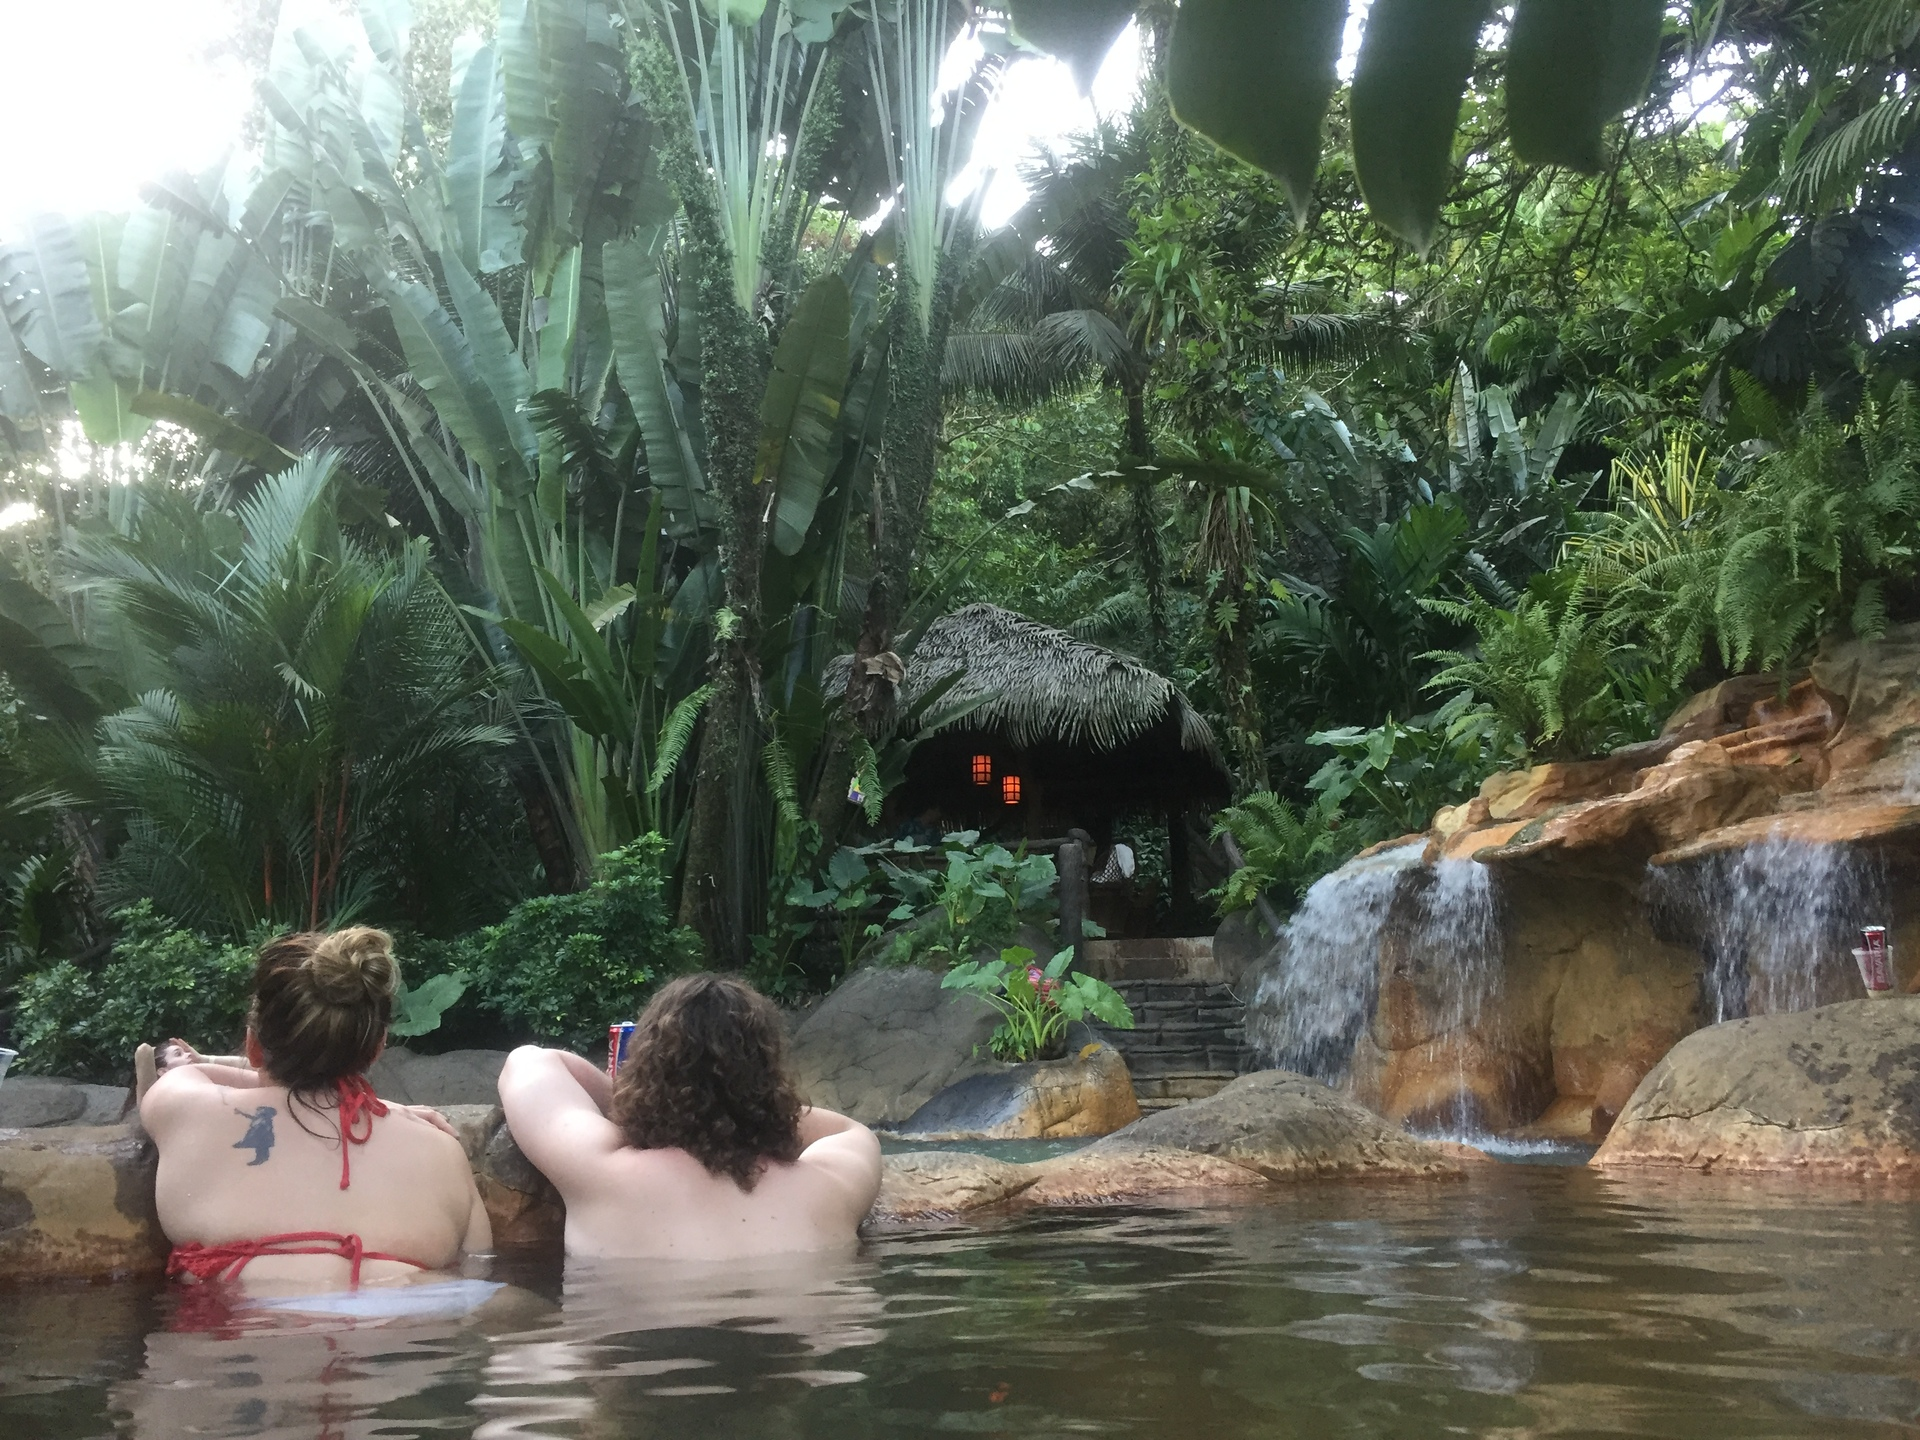 The Springs Resort & Spa at Arenal | タマリンド在住Puravida Lifeさんのおすすめショッピング・買物スポット